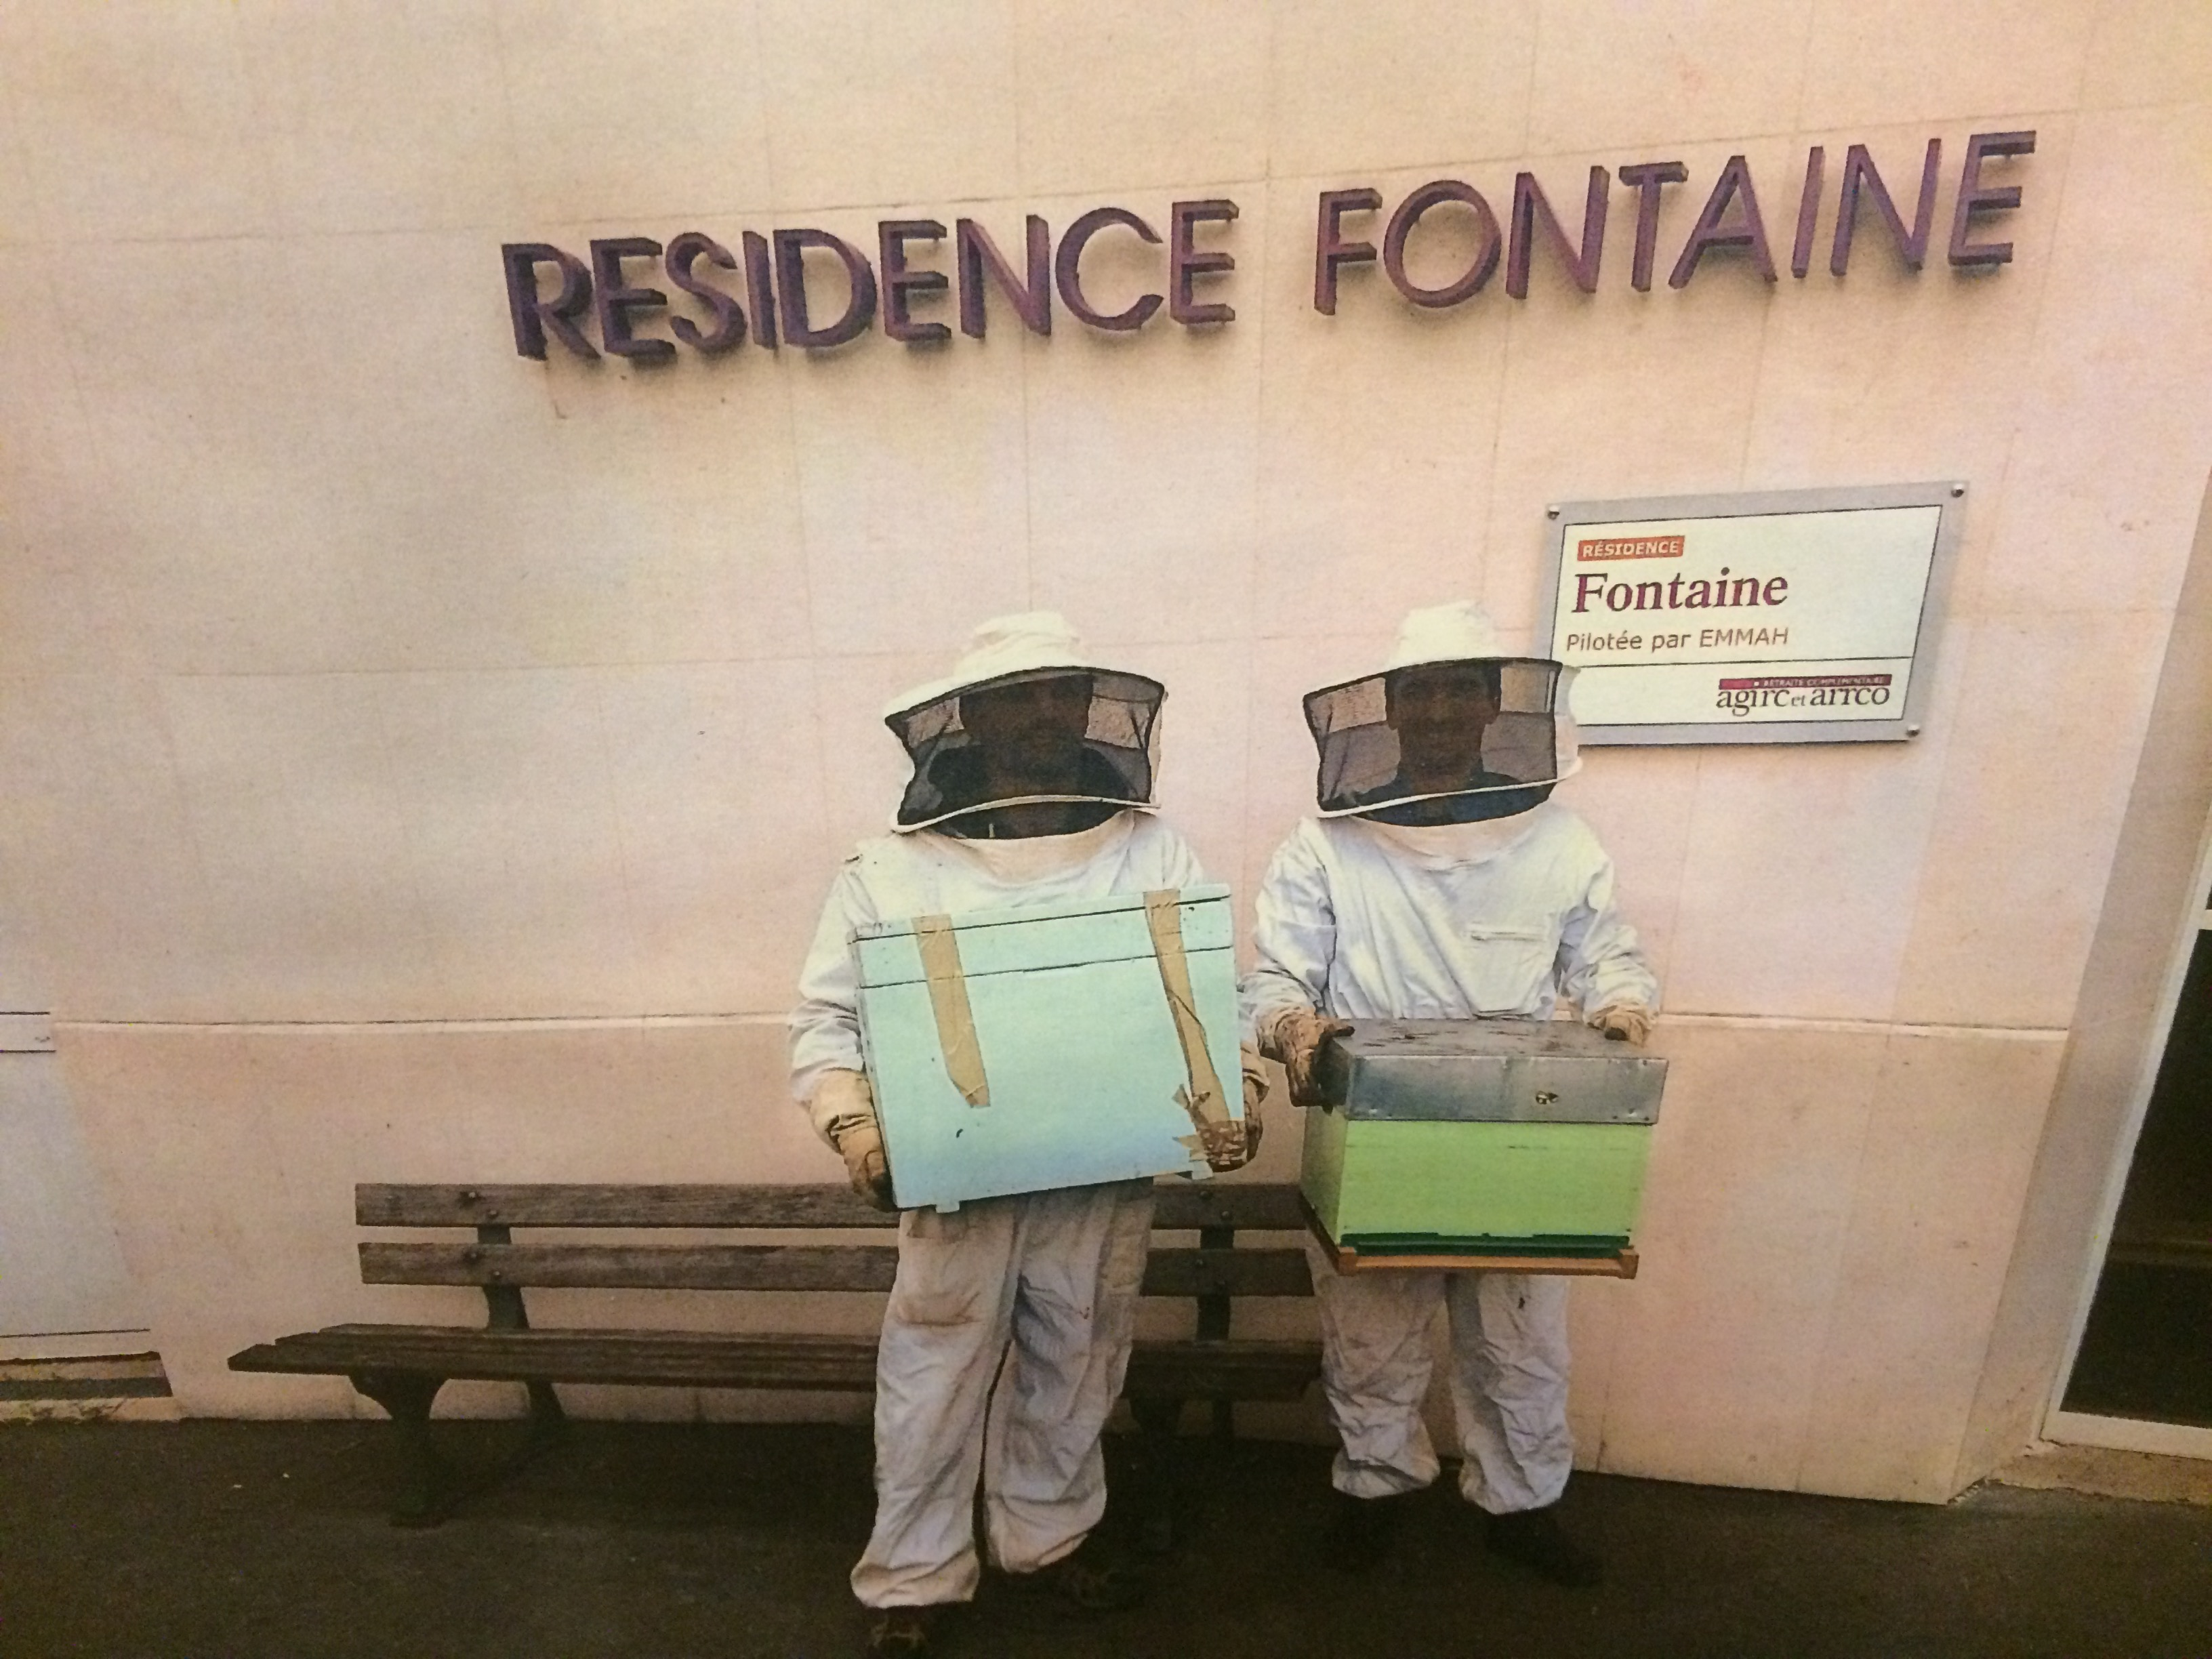 Les activités d'Animation Sociale à la Résidence Fontaine : Quelle ouverture vers l'extérieur?